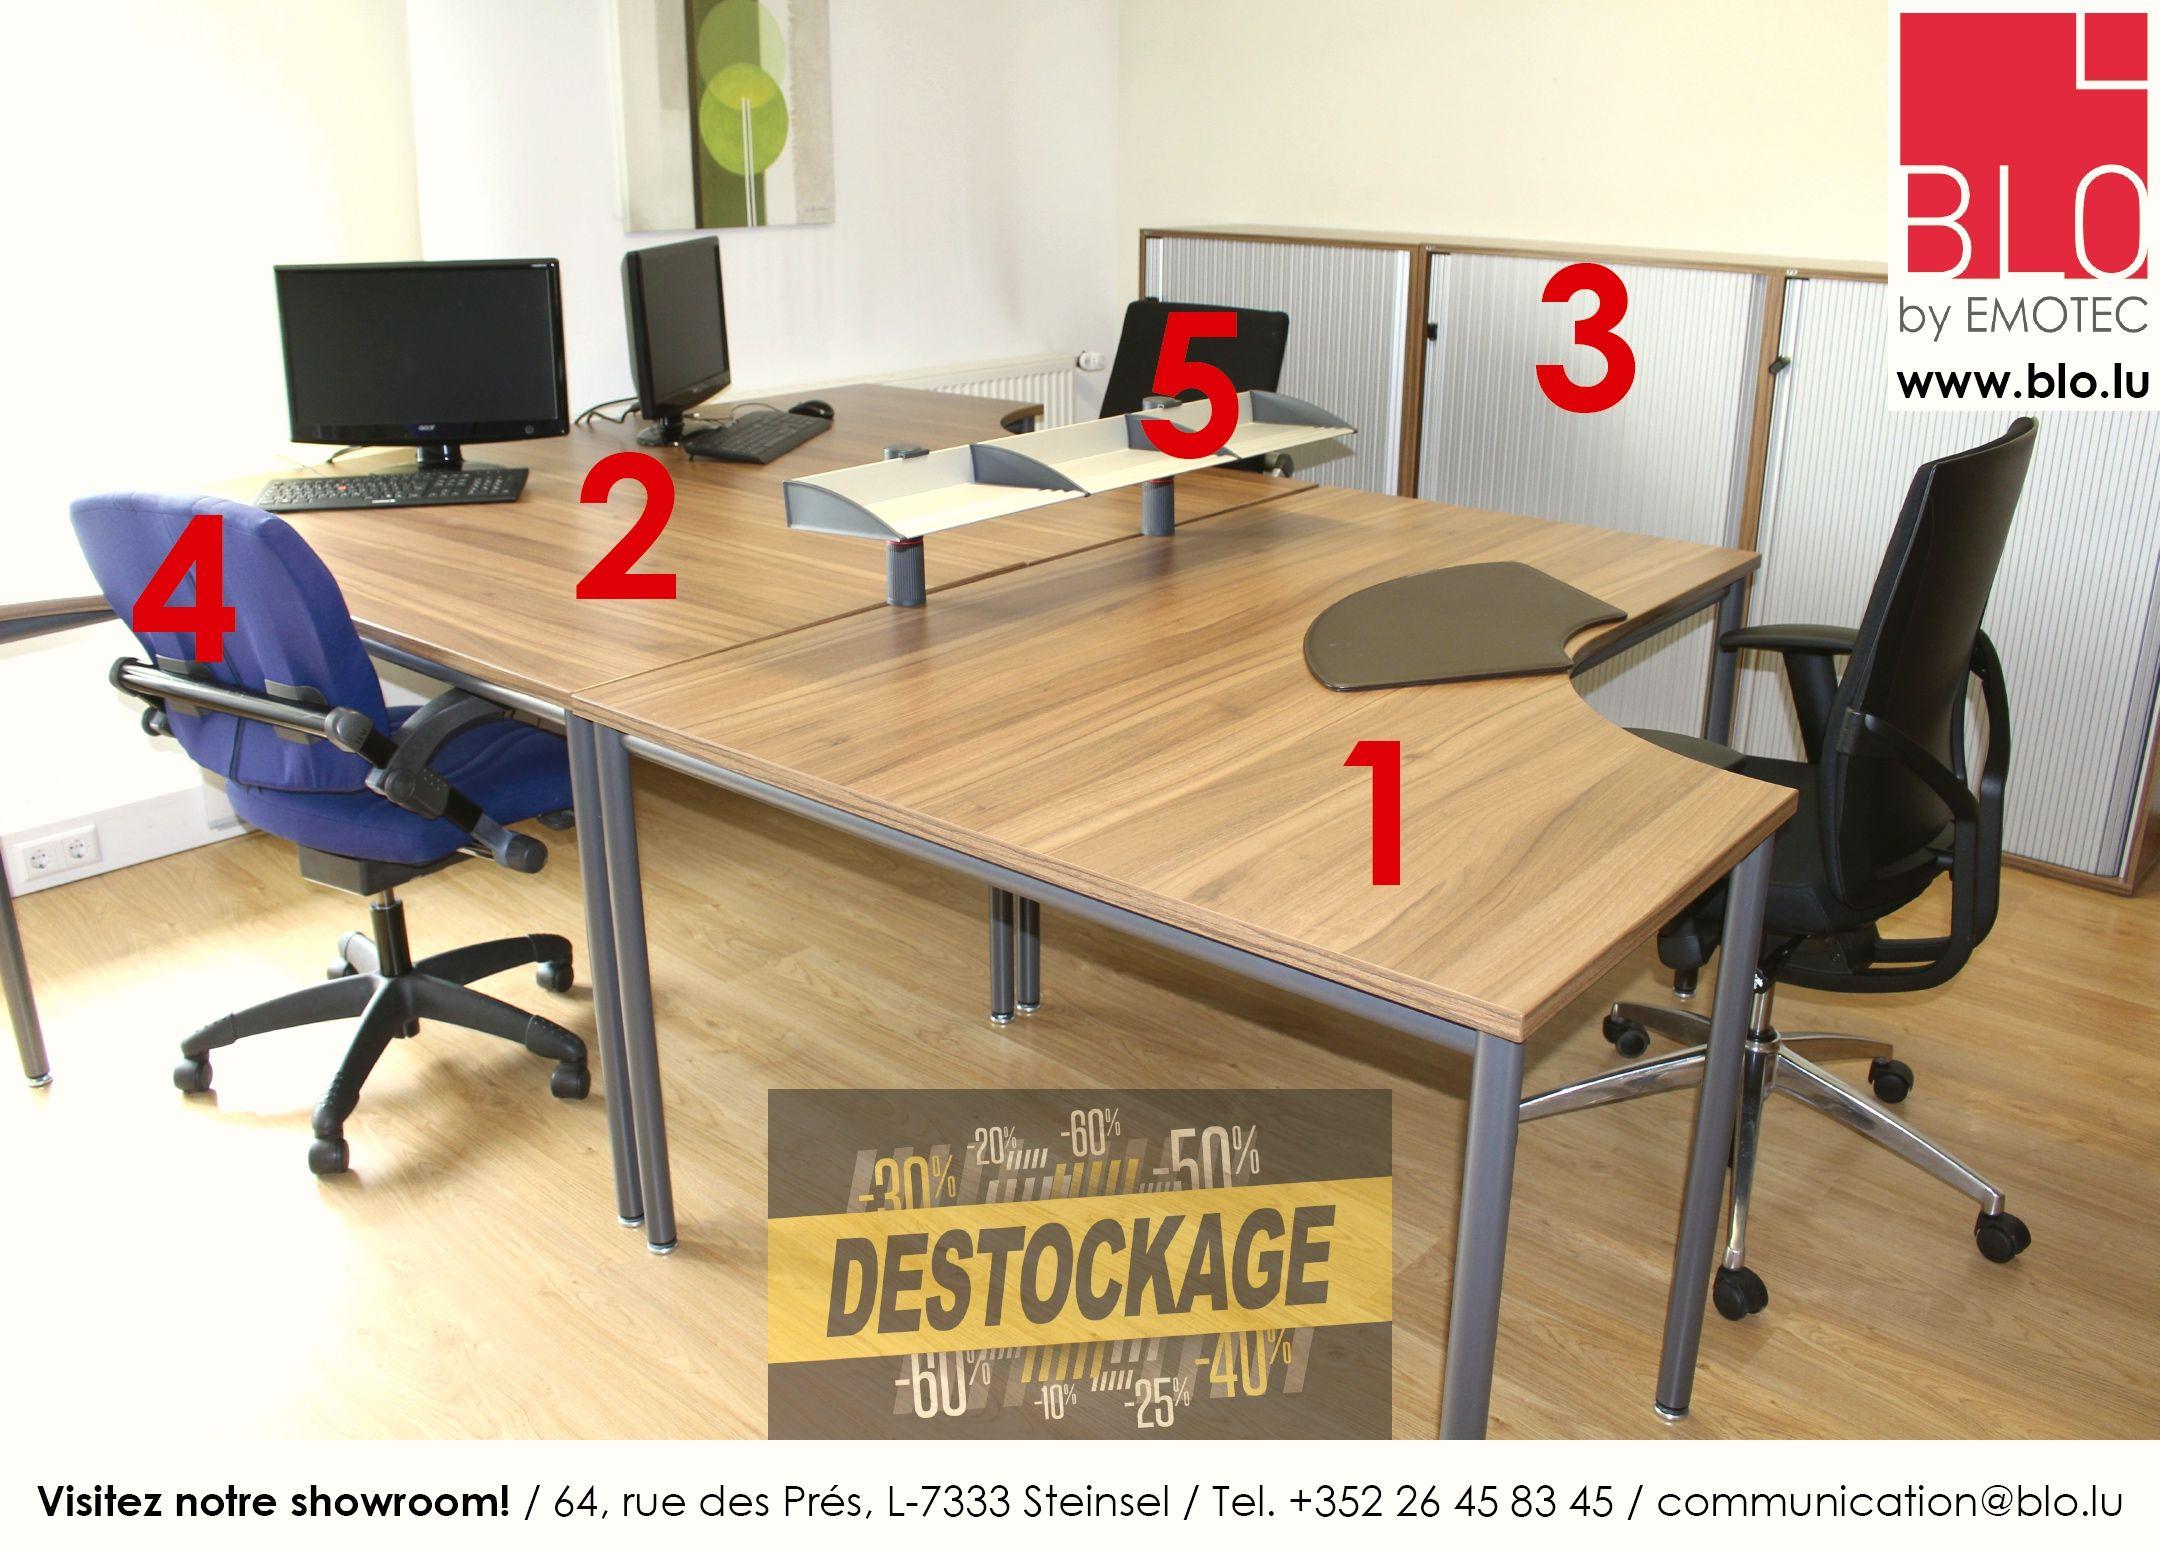 emporter 4 et 5 chaise bureau 2x